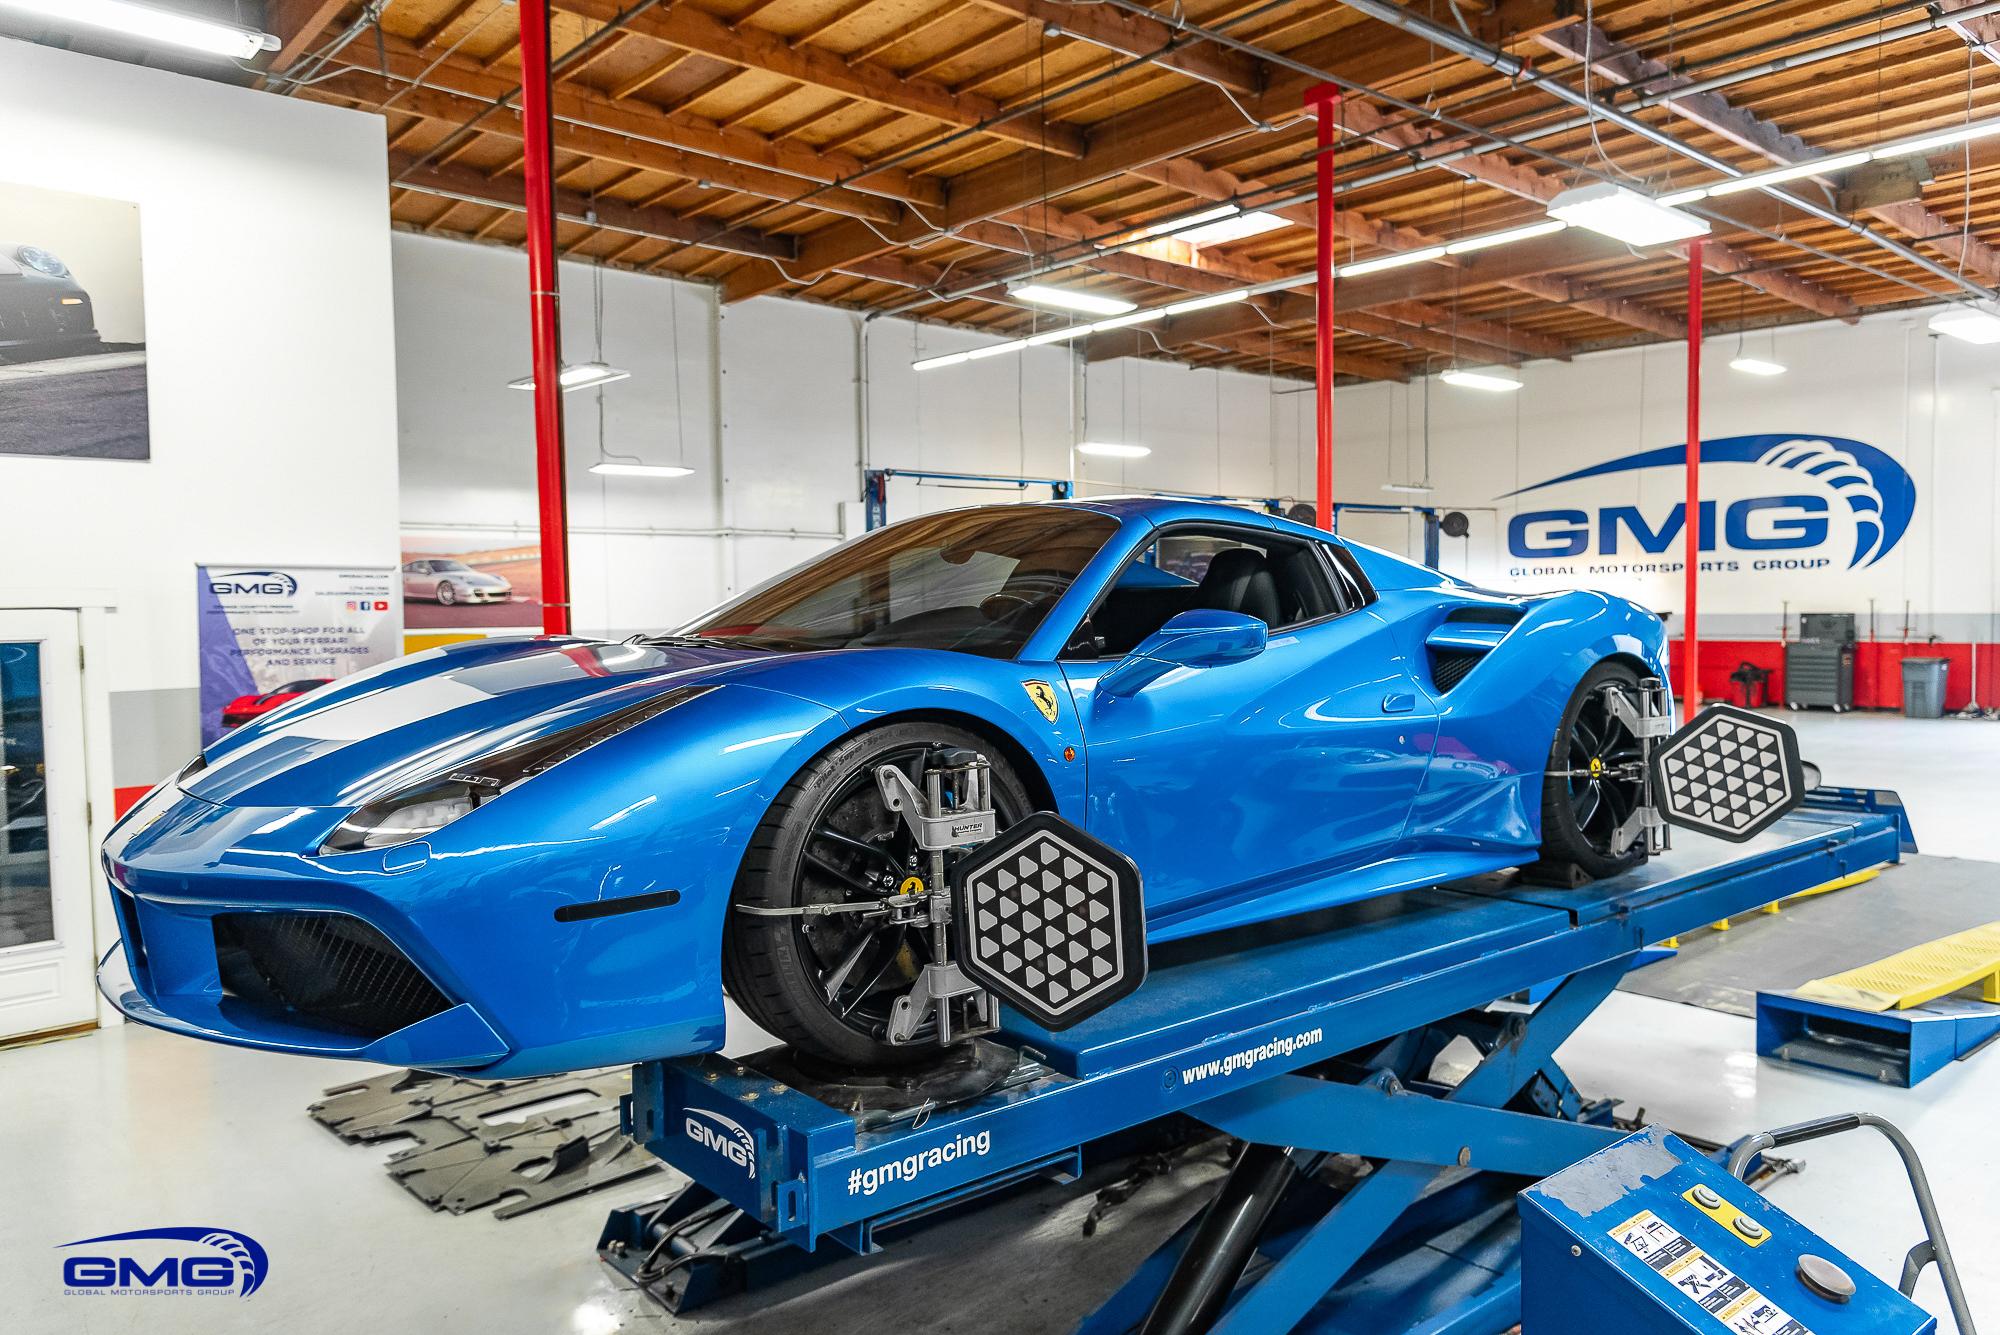 Blue Corsa Ferrari 488 Spider